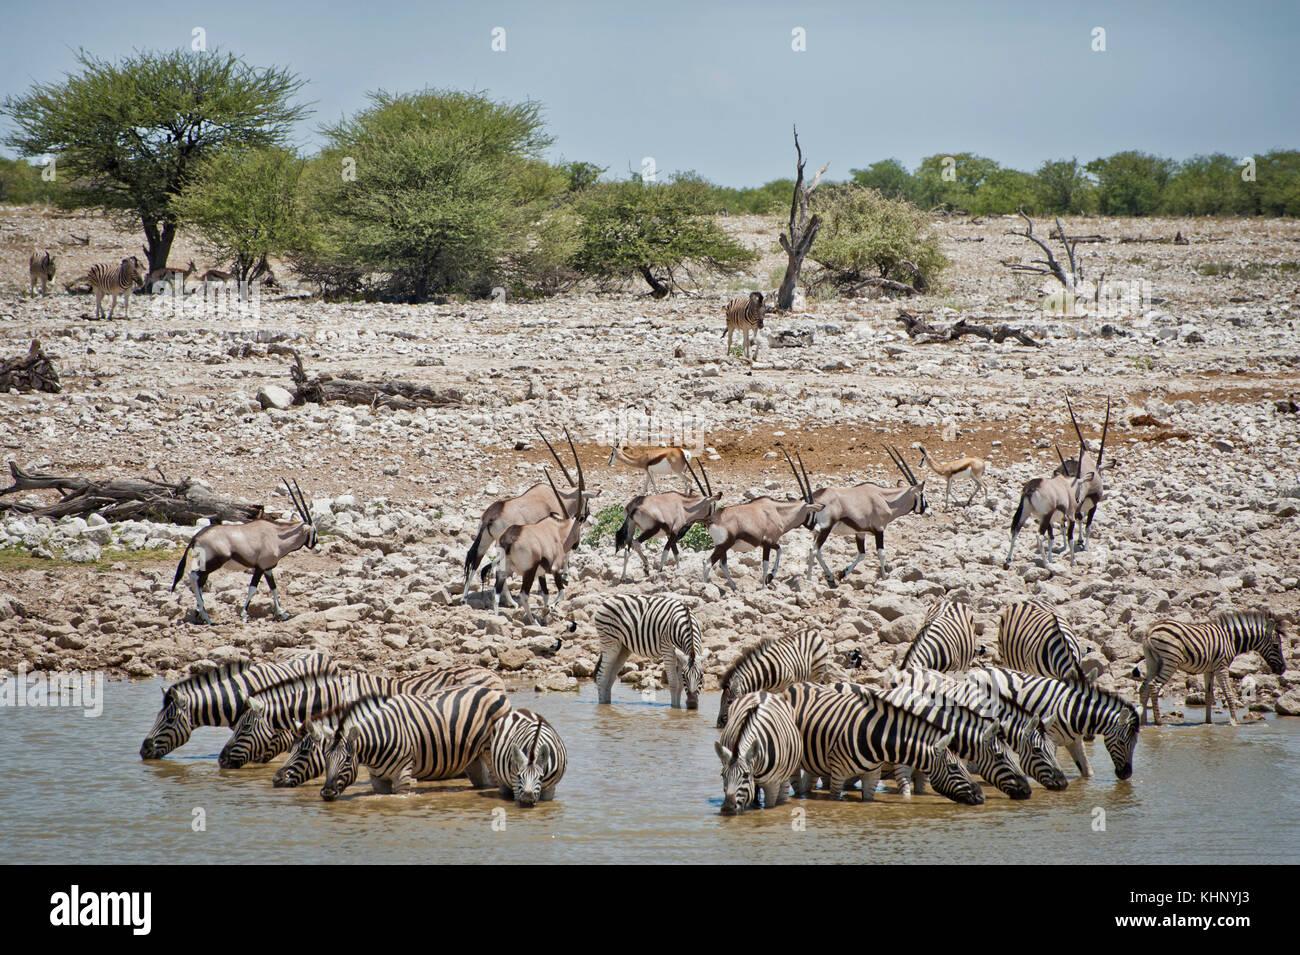 Faune sauvage du parc national d'Etosha. Mars 2013 - Stock Image